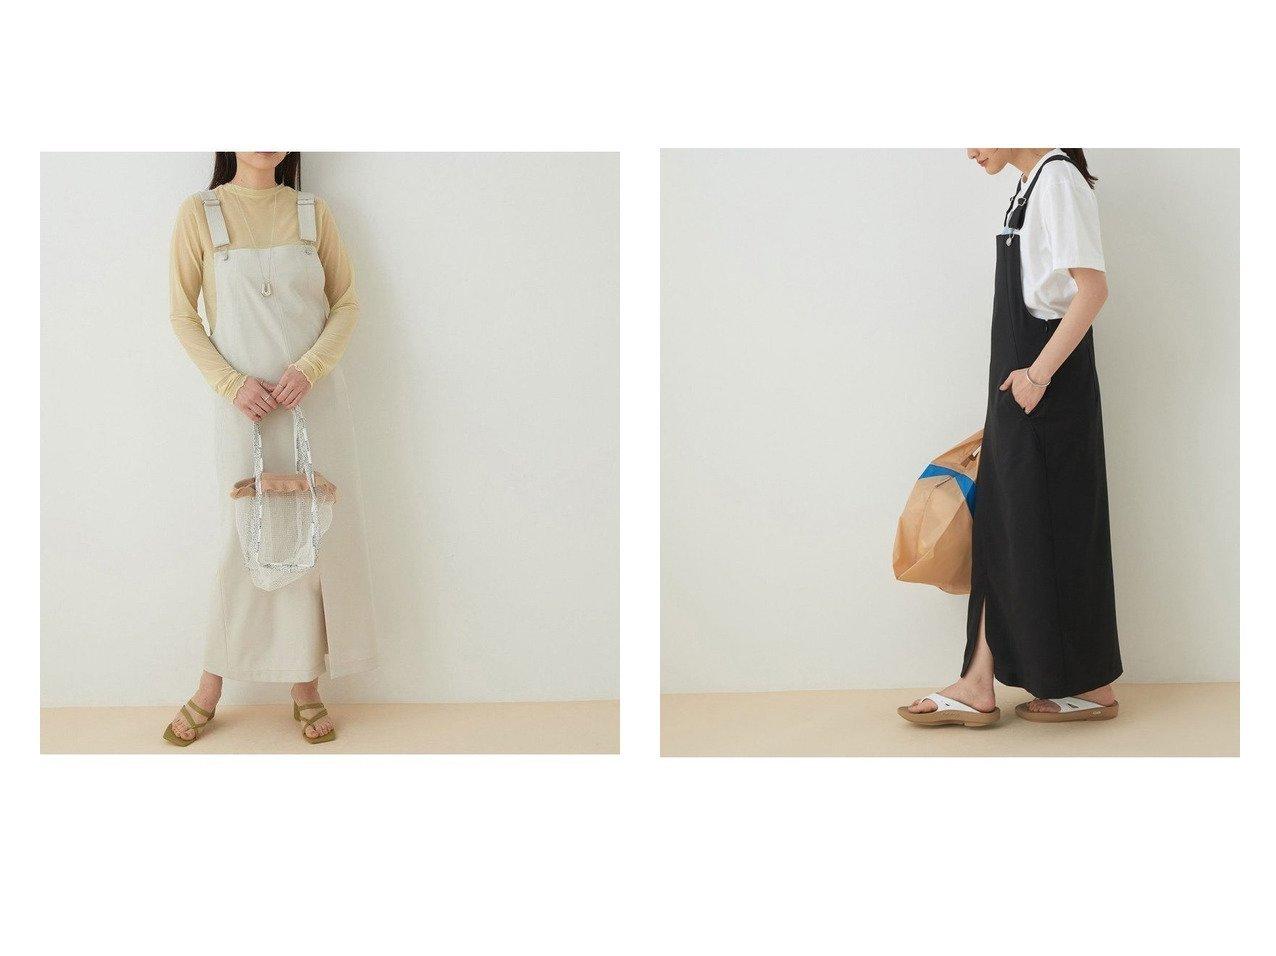 【ADAM ET ROPE'/アダム エ ロペ】の【WEB限定】ジャンパースカート 【スカート】おすすめ!人気、トレンド・レディースファッションの通販 おすすめで人気の流行・トレンド、ファッションの通販商品 メンズファッション・キッズファッション・インテリア・家具・レディースファッション・服の通販 founy(ファニー) https://founy.com/ ファッション Fashion レディースファッション WOMEN スカート Skirt 春 Spring カッティング サンダル シューズ スニーカー スリット 定番 Standard フラット フロント ポケット メランジ ワンポイント 2021年 2021 S/S・春夏 SS・Spring/Summer 2021春夏・S/S SS/Spring/Summer/2021 NEW・新作・新着・新入荷 New Arrivals おすすめ Recommend |ID:crp329100000028457